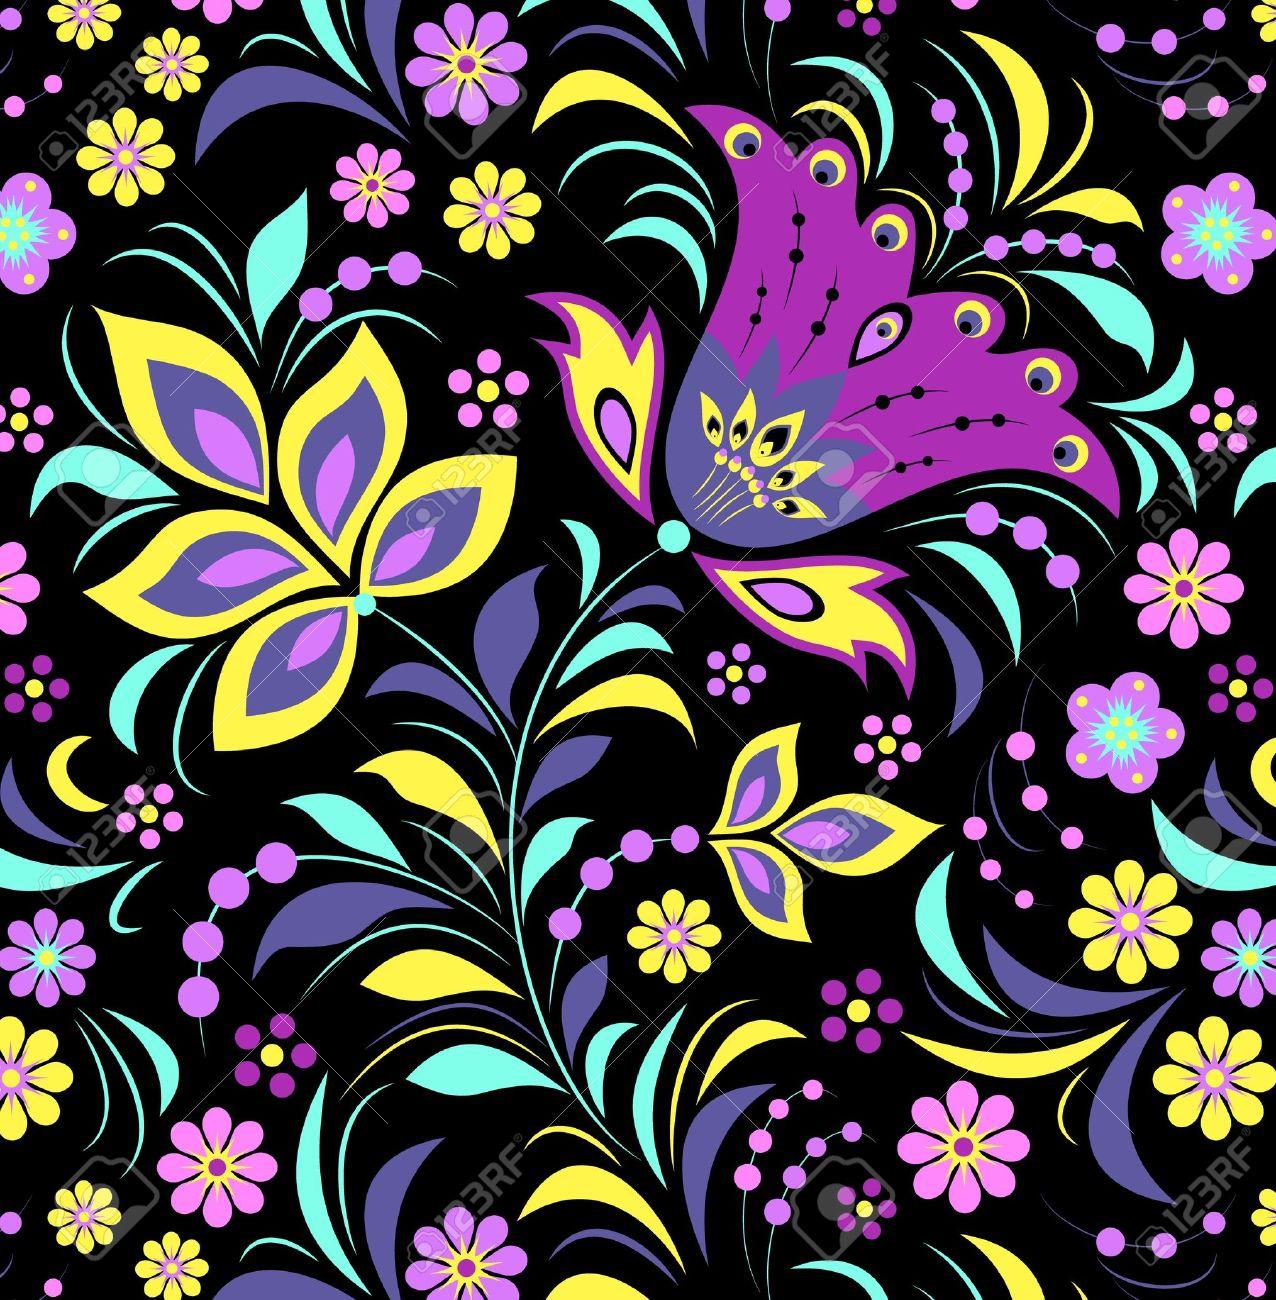 Ilustracion De Flores De Colores Sobre Fondo Negro Ilustraciones